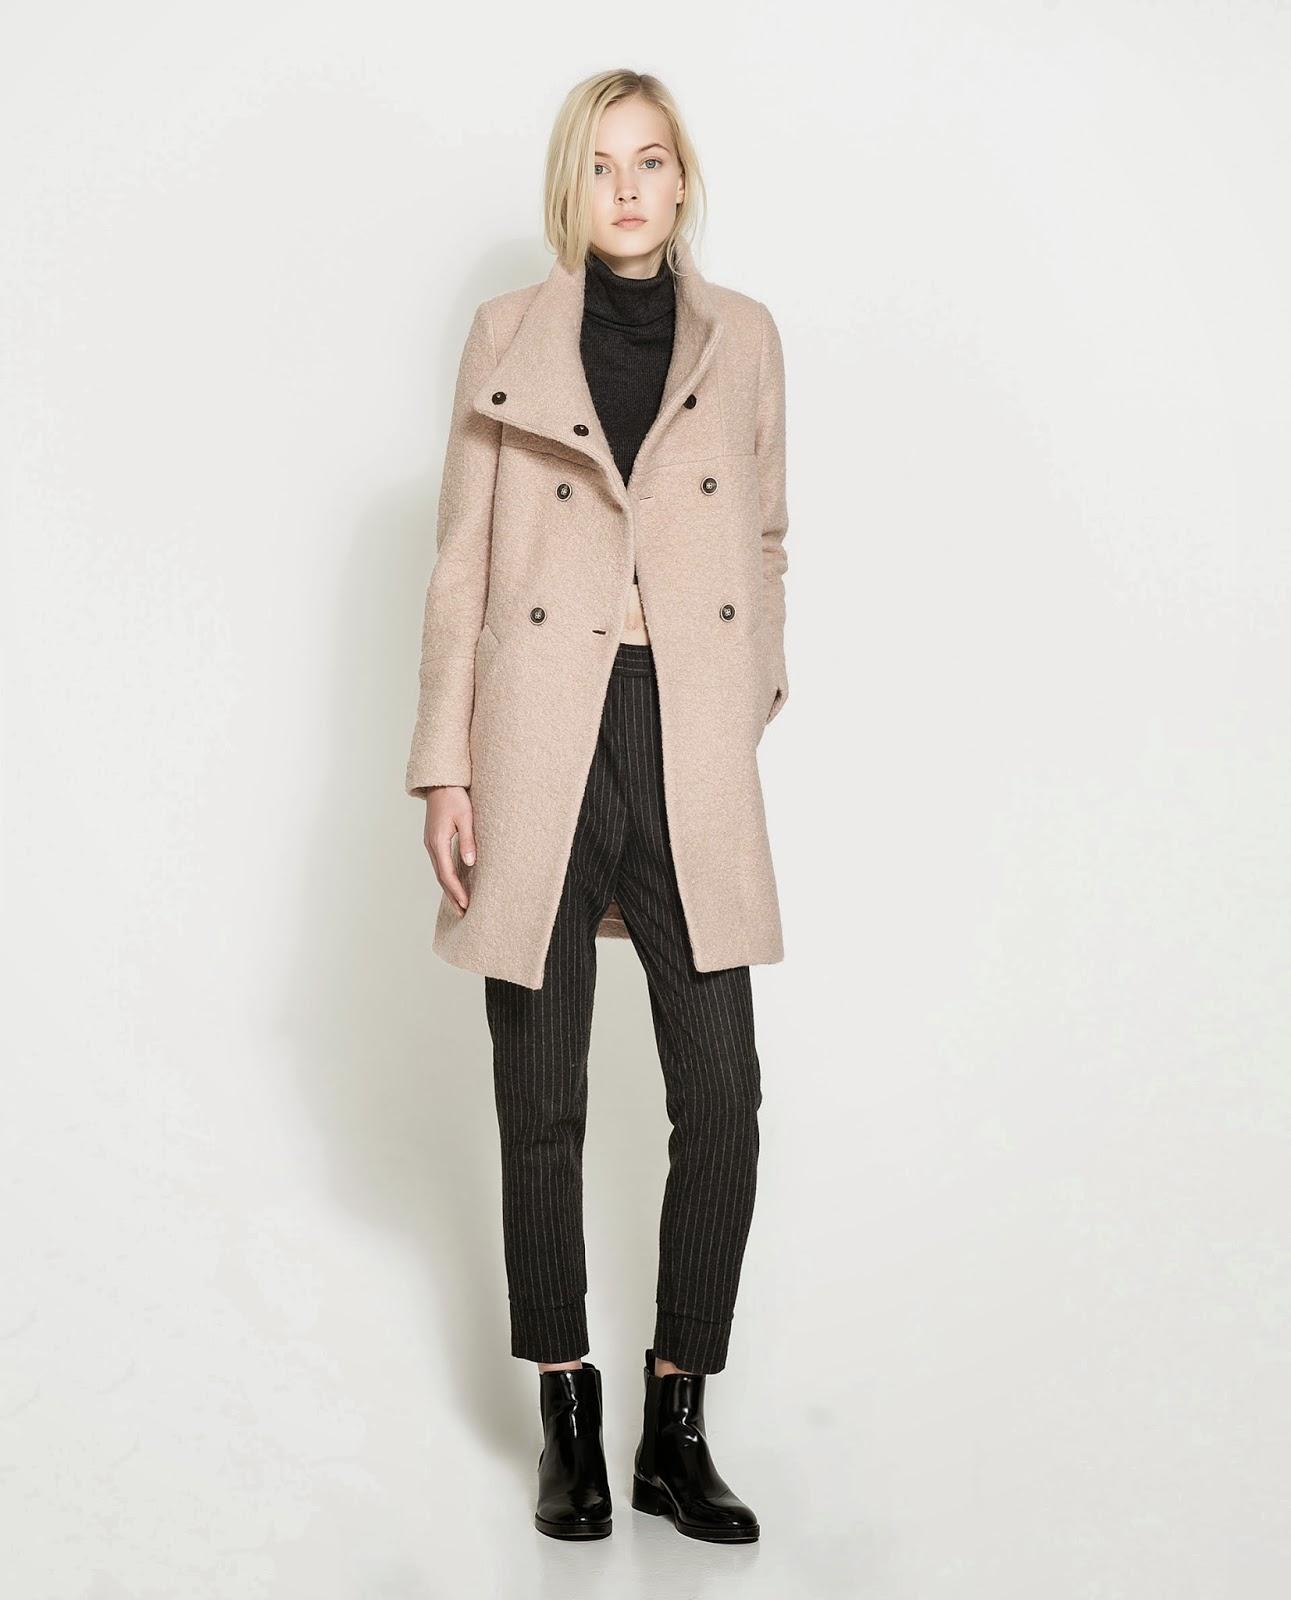 dress zara fall winter 2014 coats models. Black Bedroom Furniture Sets. Home Design Ideas